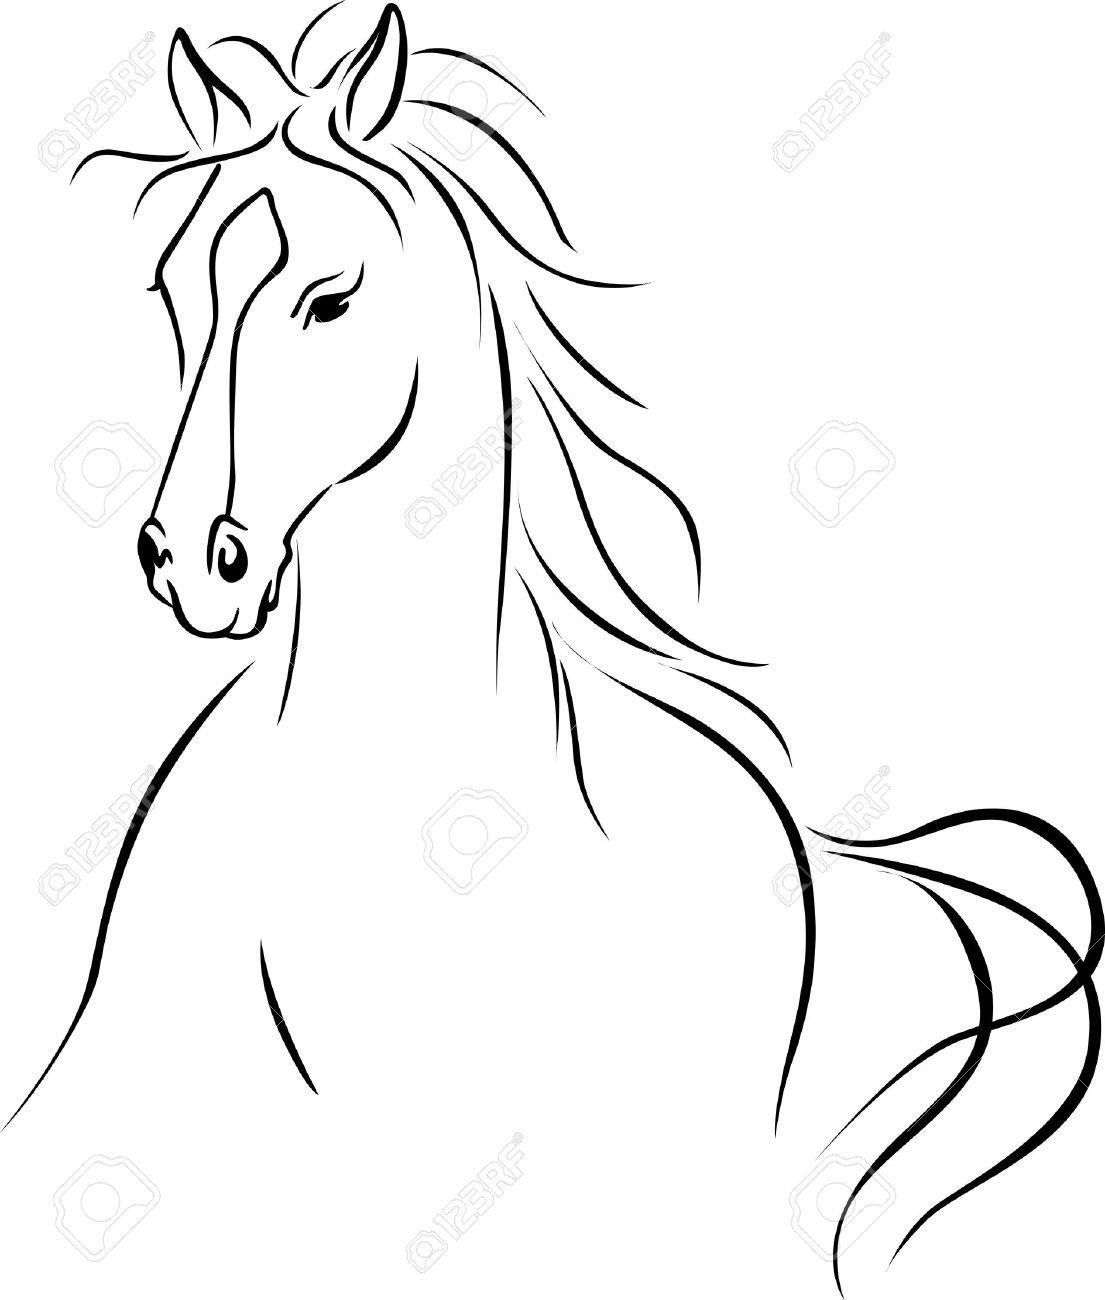 Kleurplaat Paardenhoofd Sinterklaas Images Vector Free Horse Drawing Google Search In 2019